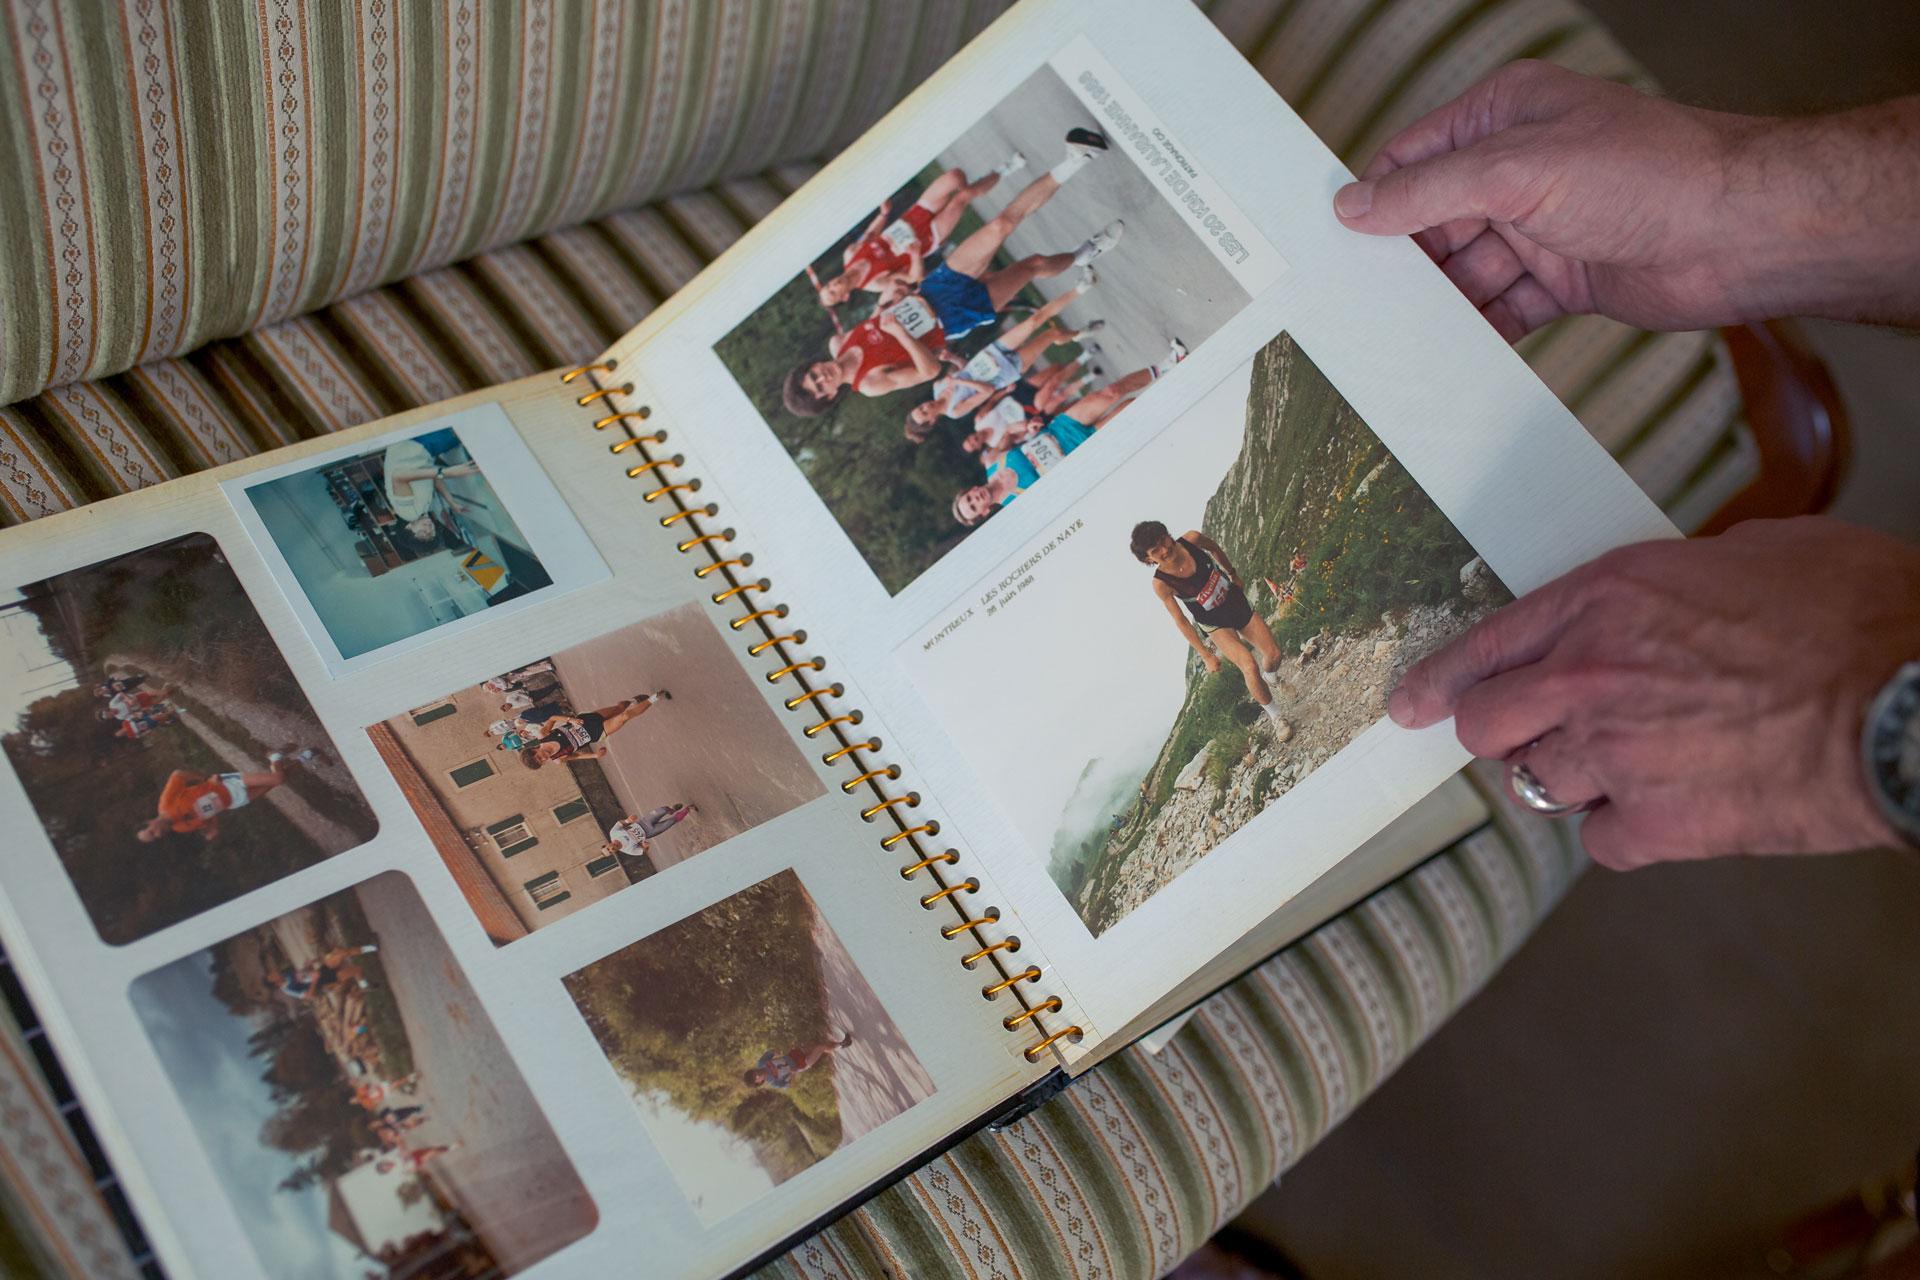 Des photos de marathon et de randonnée sont visibles dans un album photo ouvert.